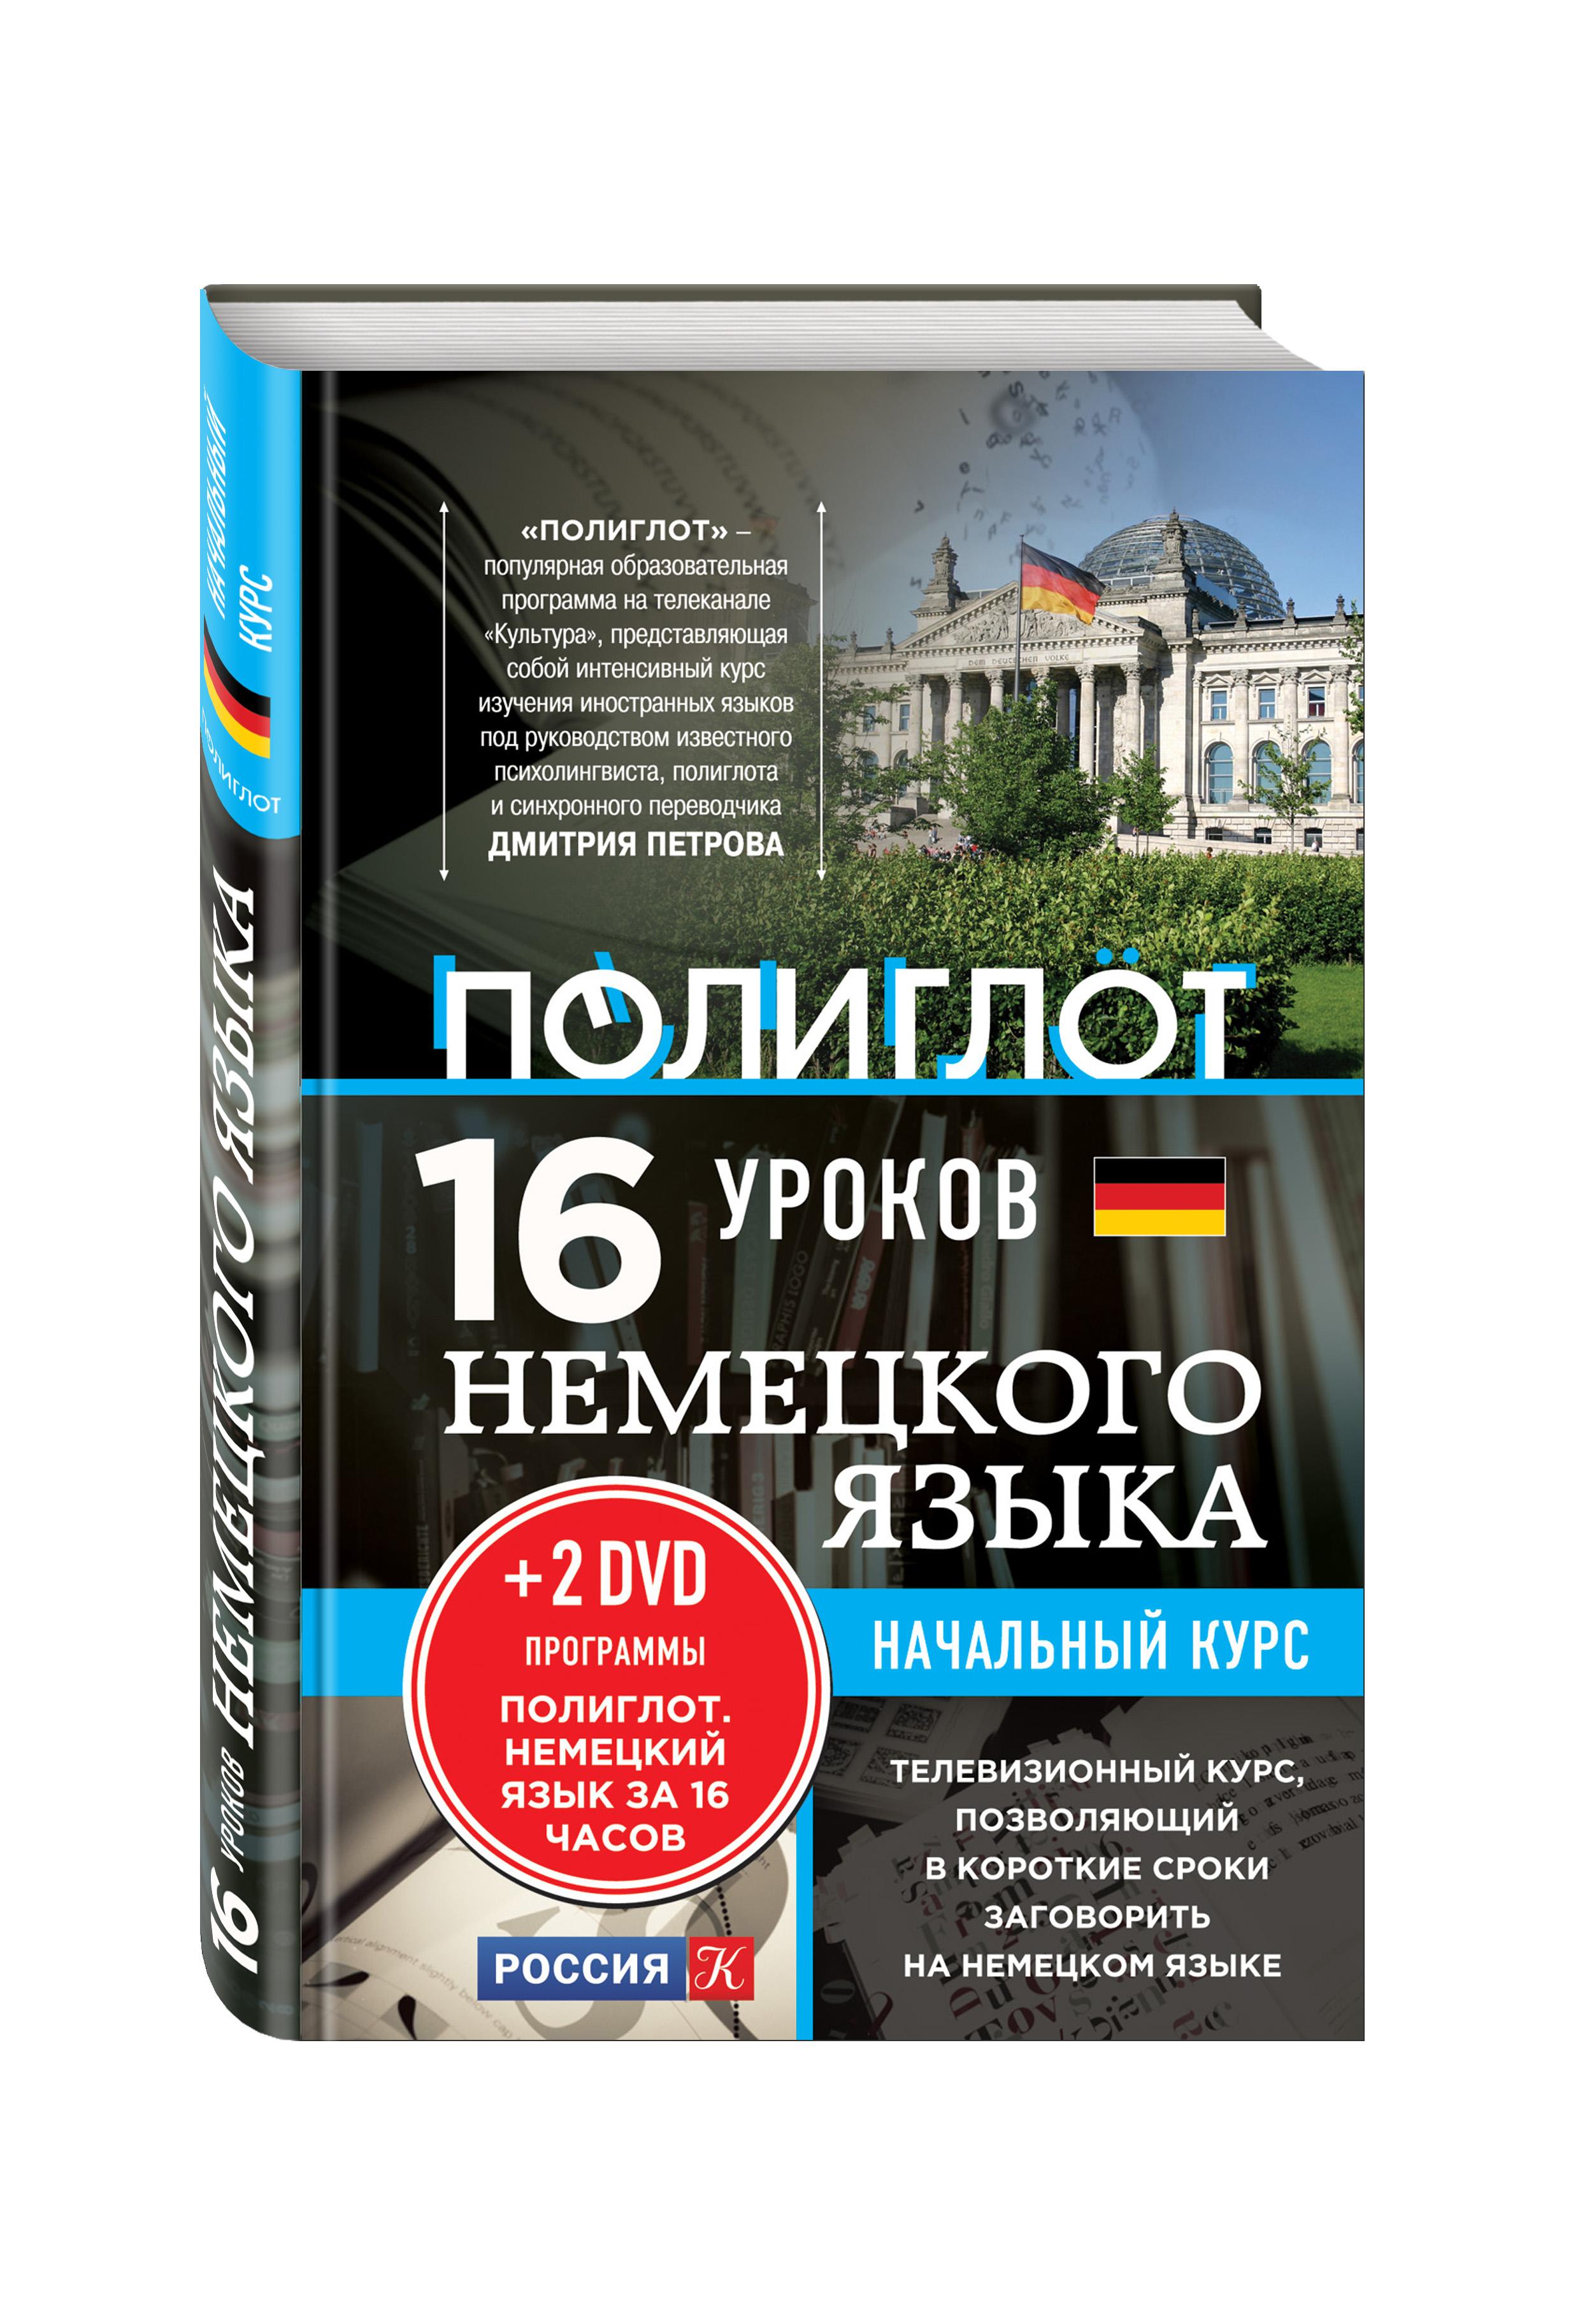 16 уроков Немецкого языка. Начальный курс + 2 DVD